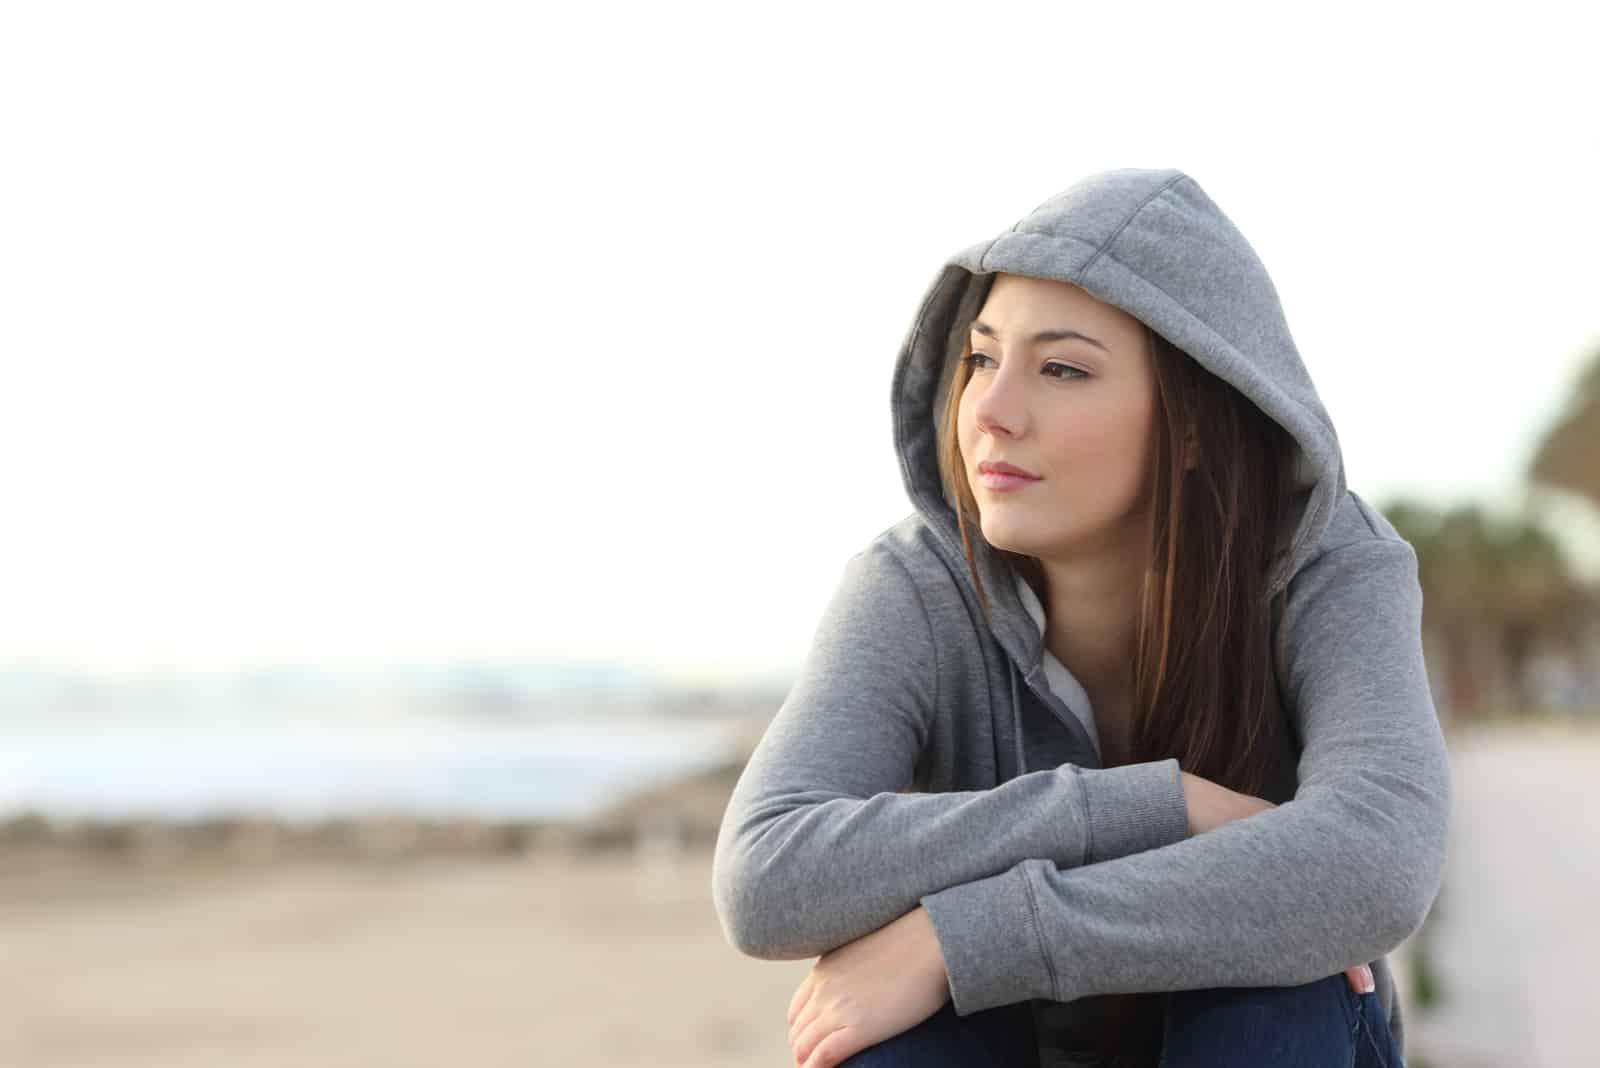 nachdenklicher Teenager sitzt am Strand und schaut weg